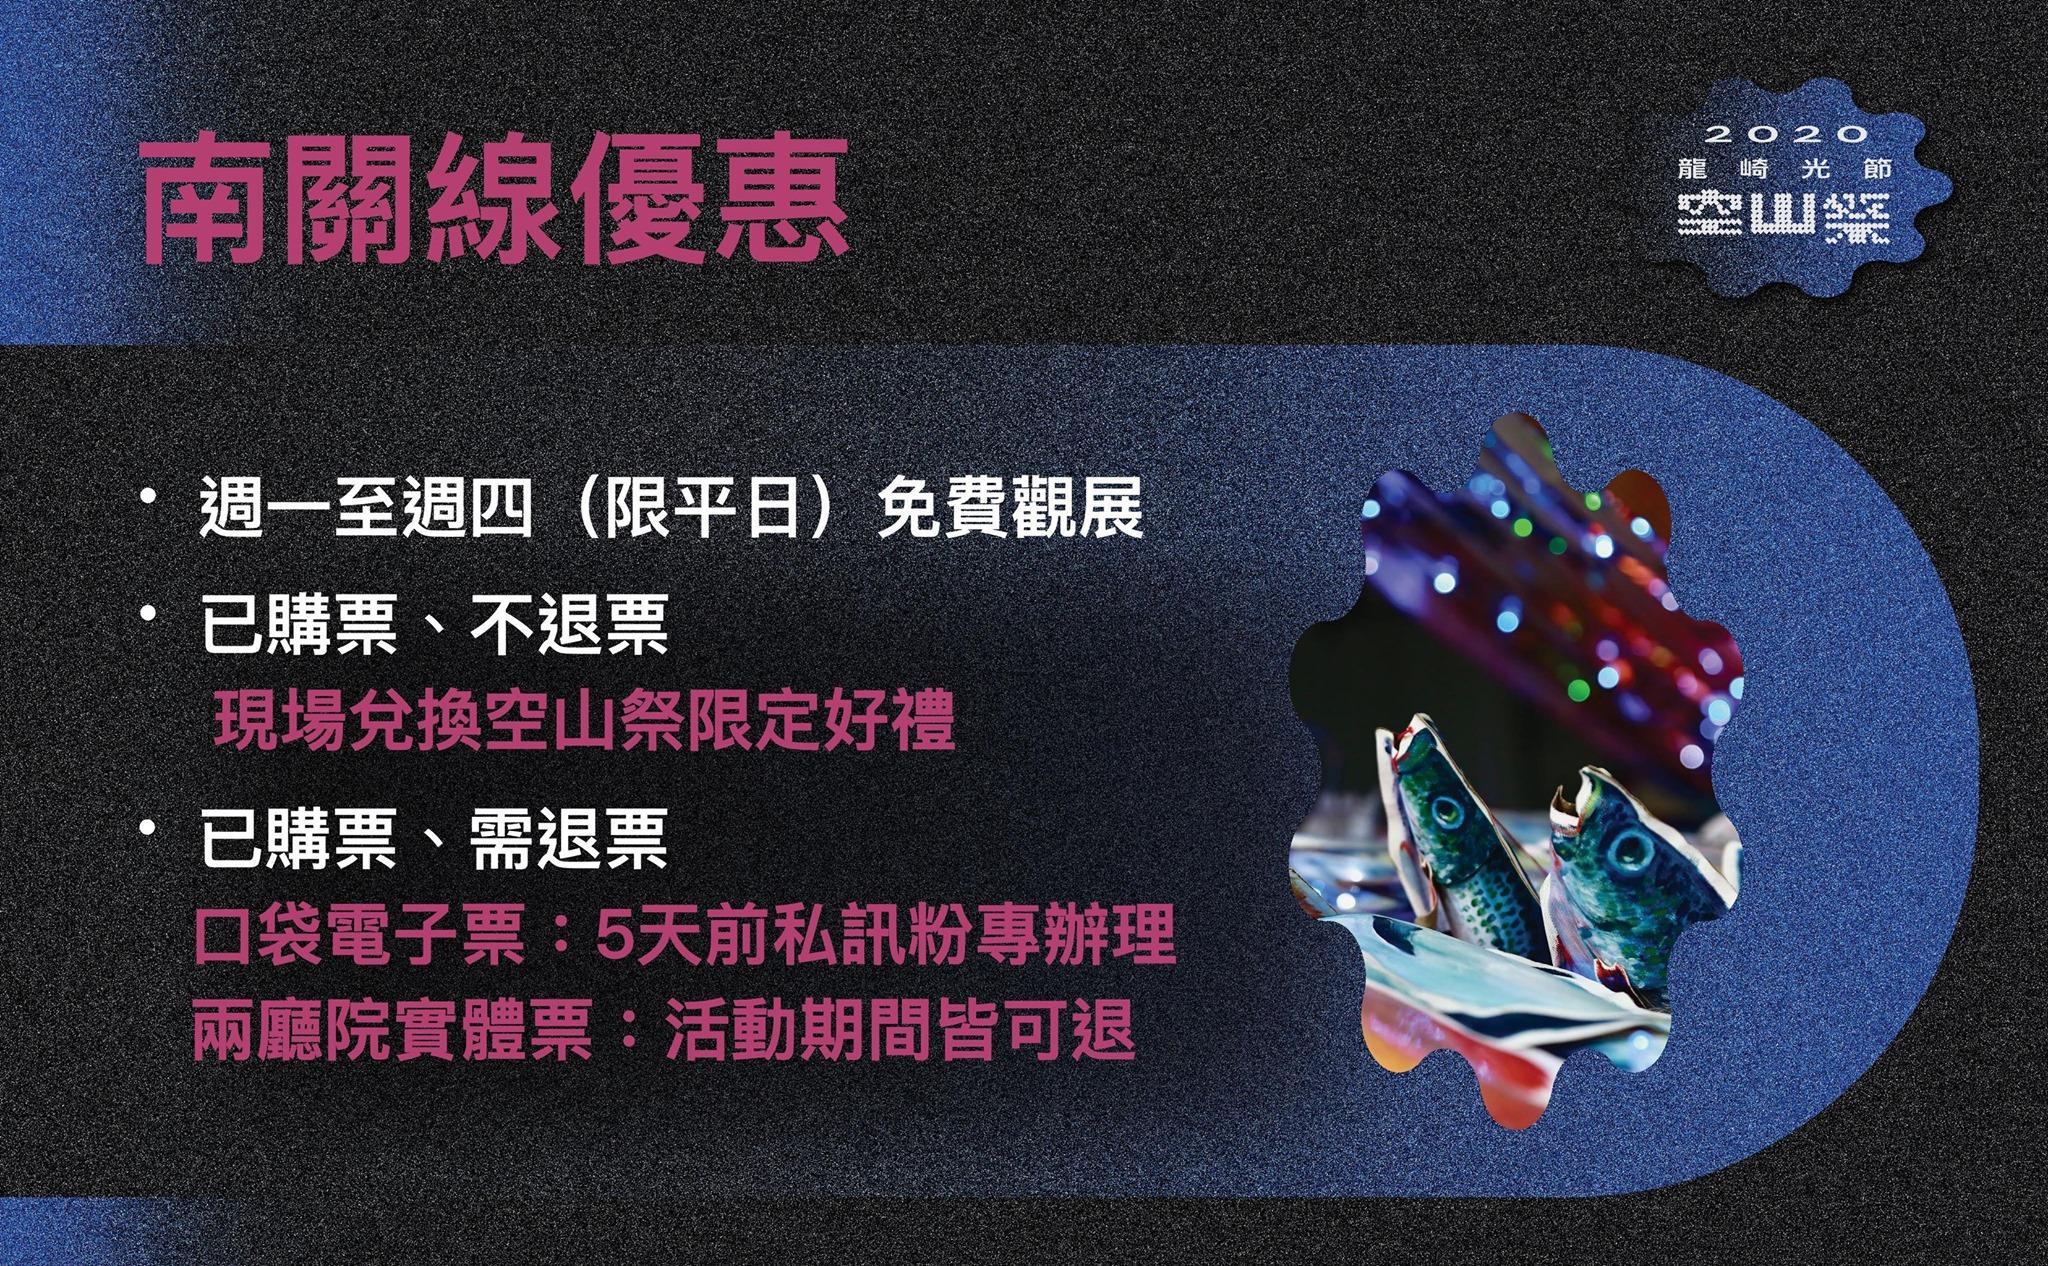 台南龍崎光節。空山祭 2020大地迴生。被譽為全台最美山中燈會